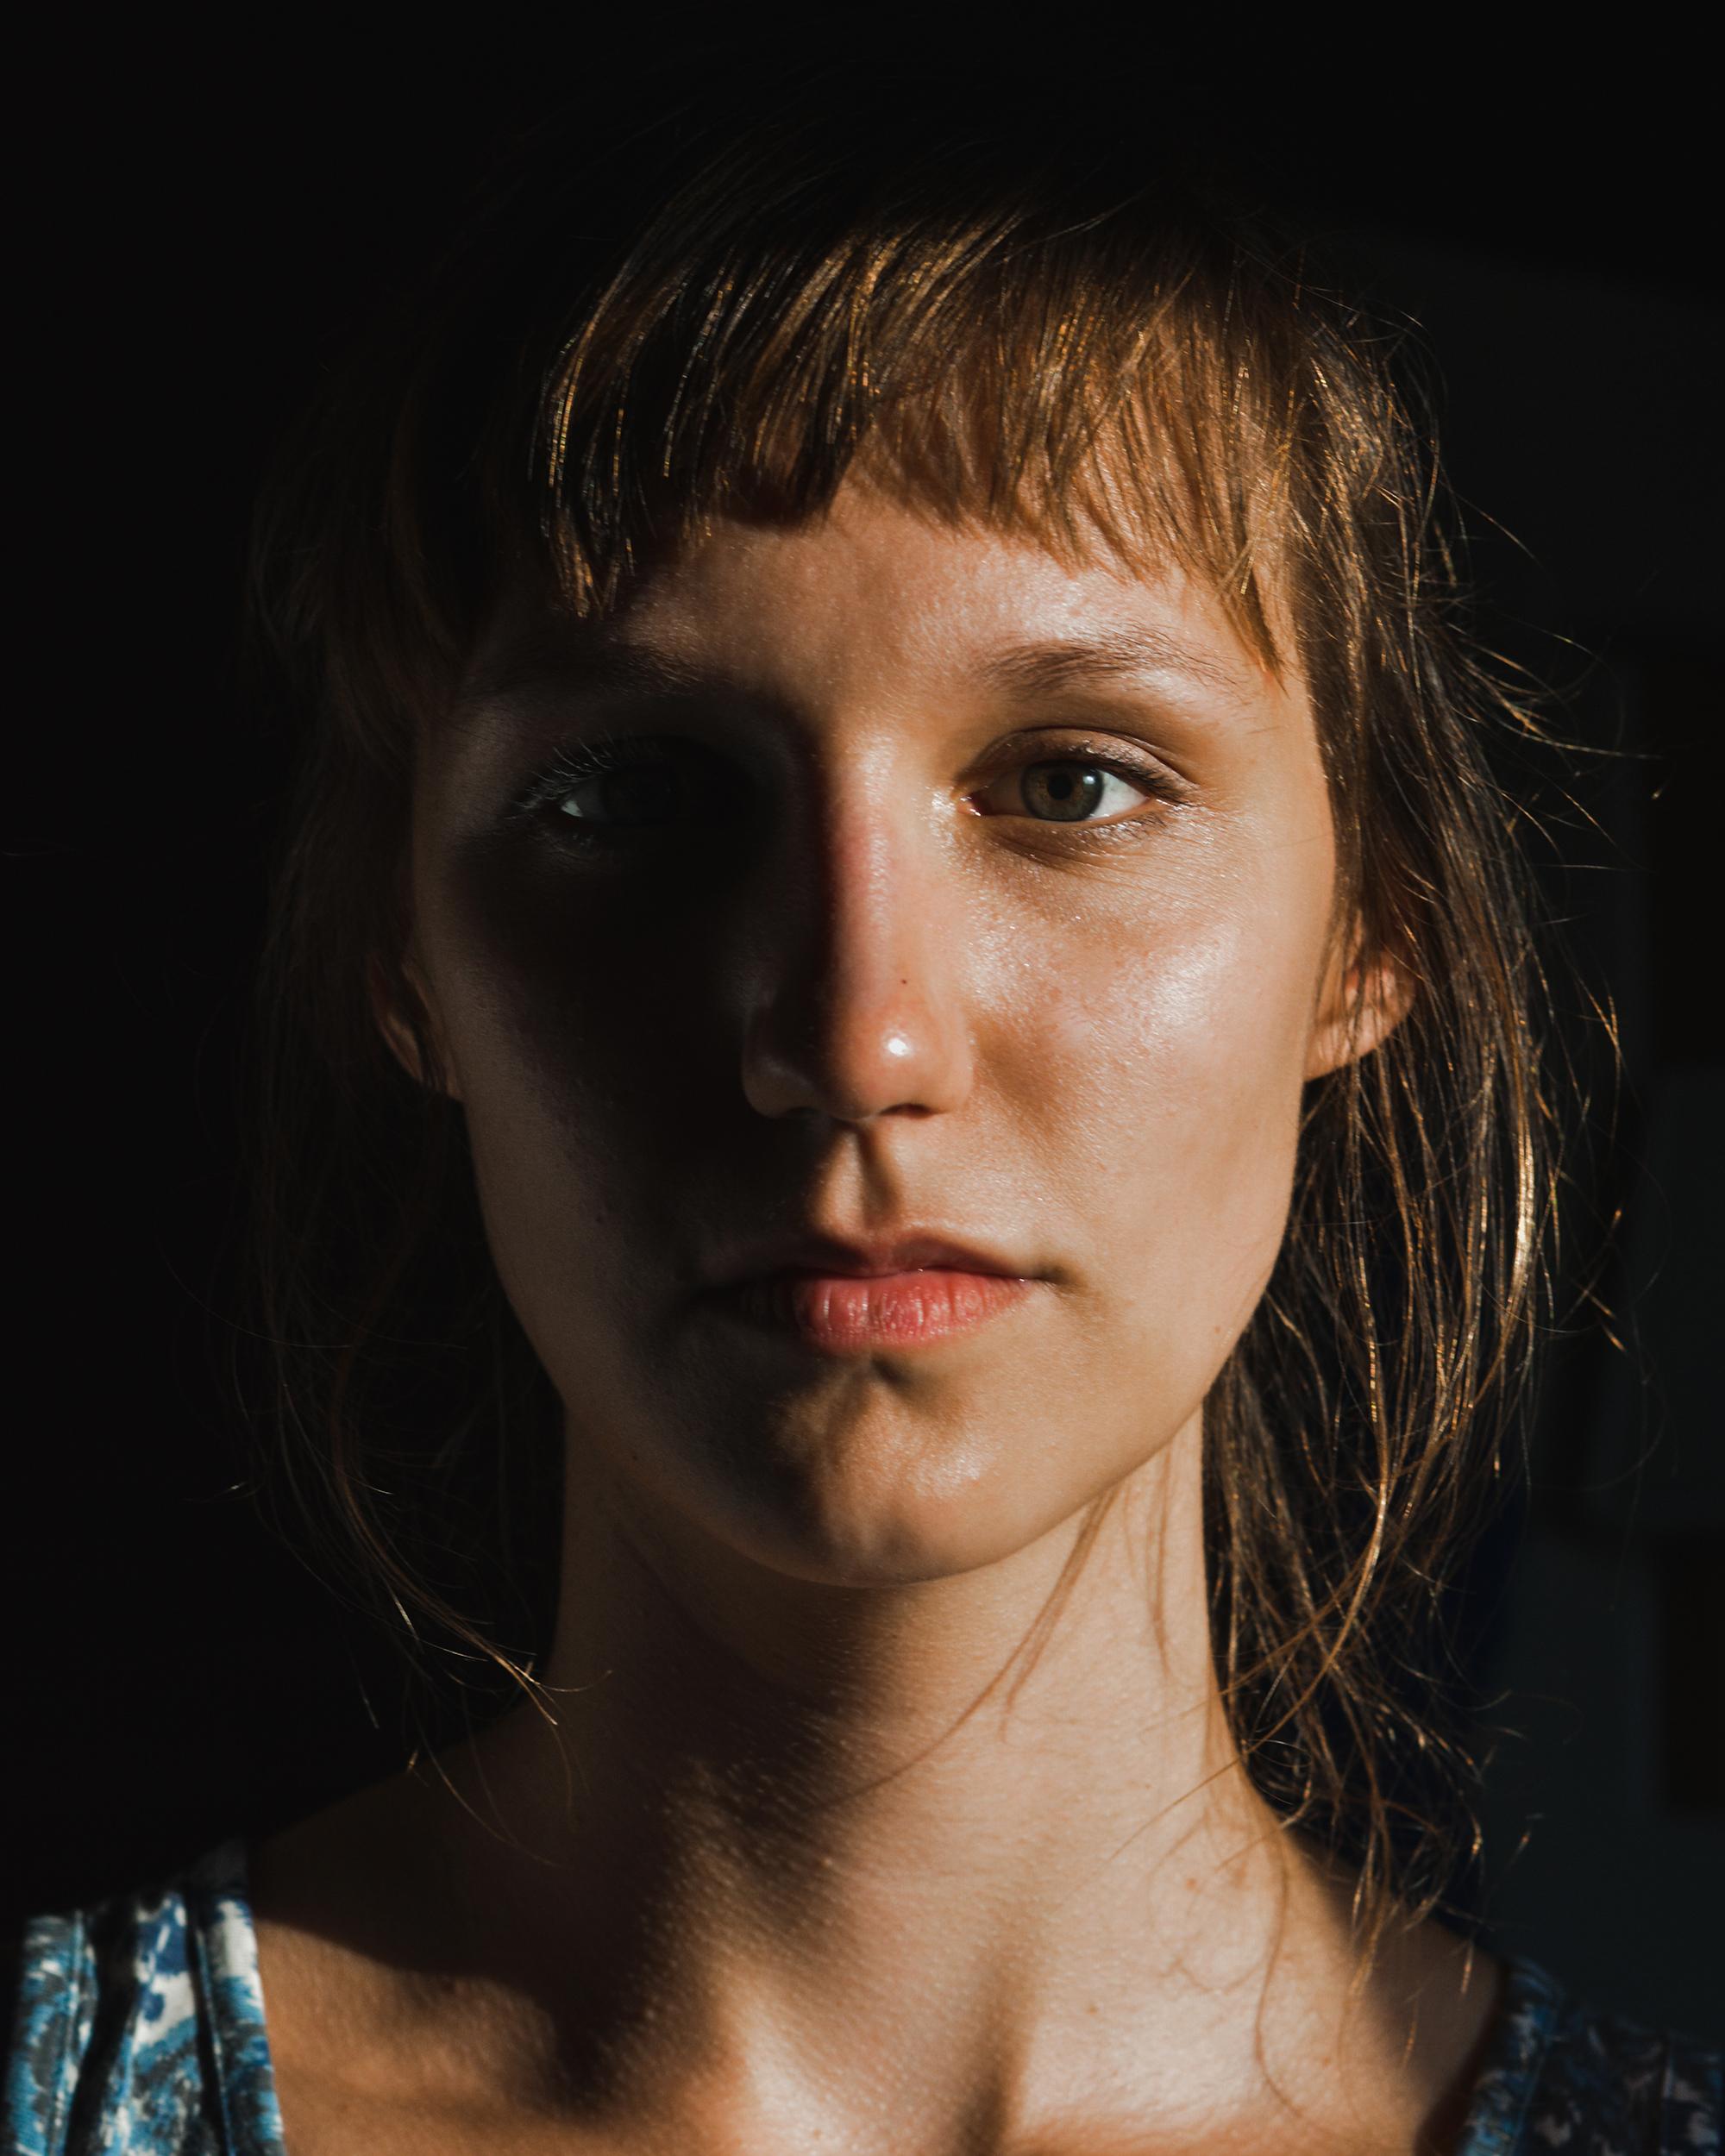 Sarah Weissenstein